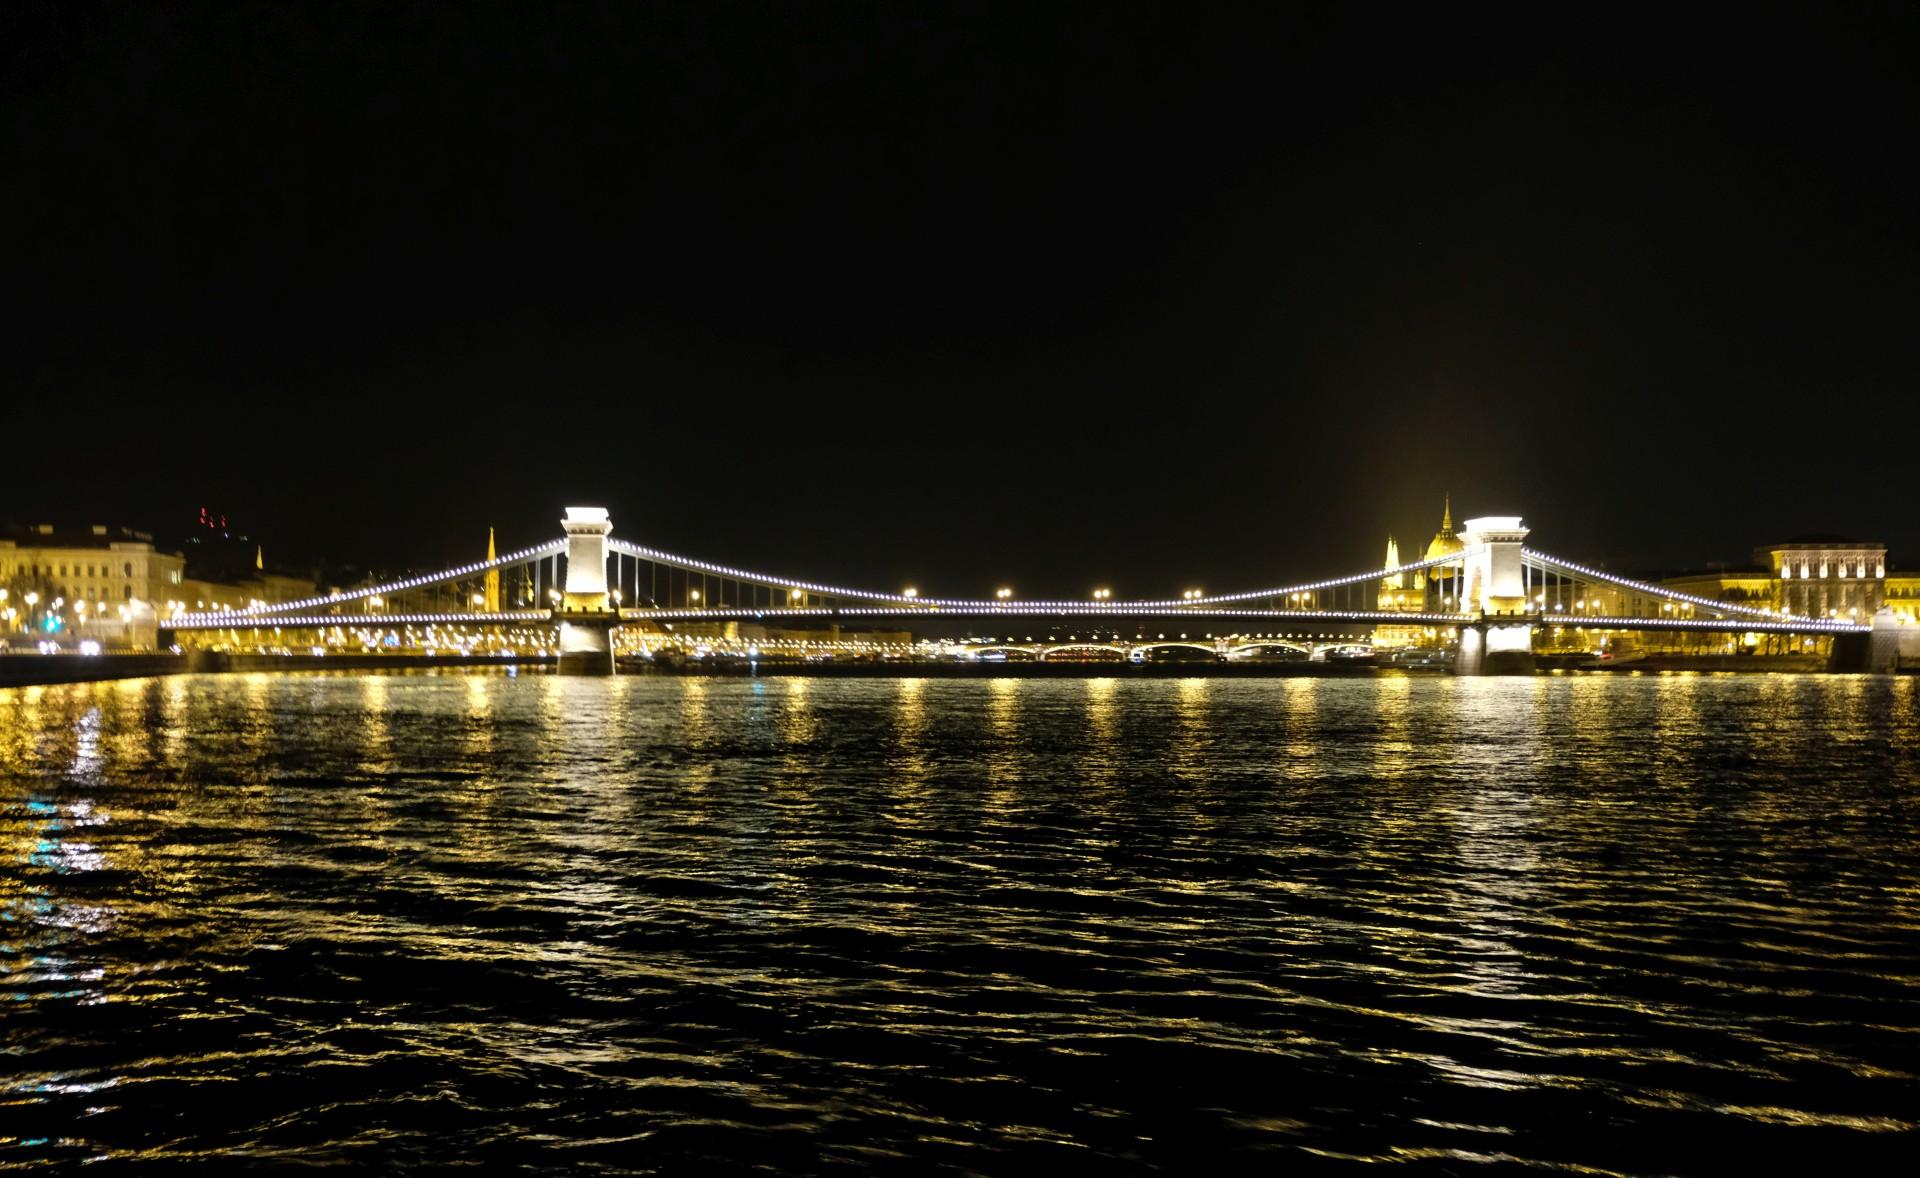 Eine beleuchtete Brücke auf der Donau